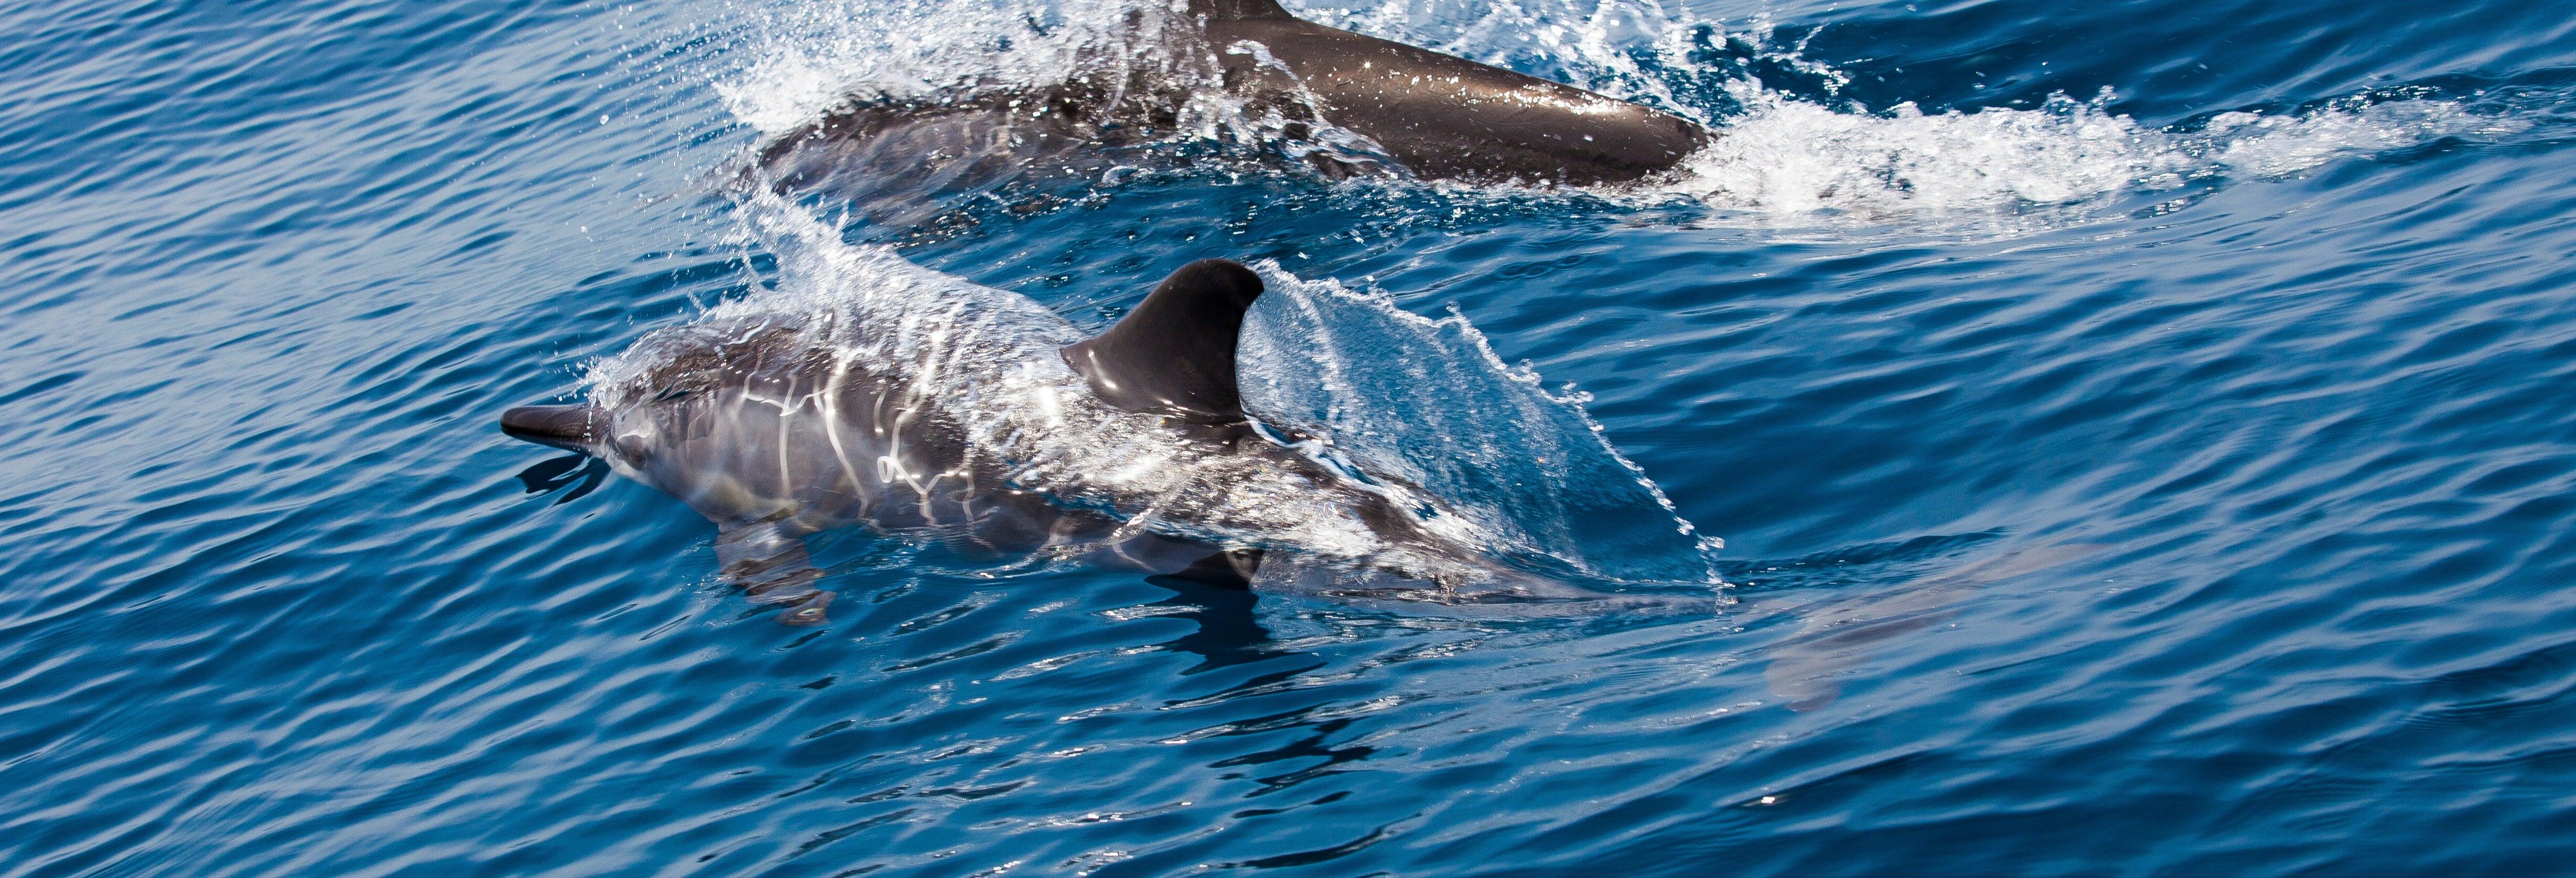 Avvistamento di delfini a Mascate